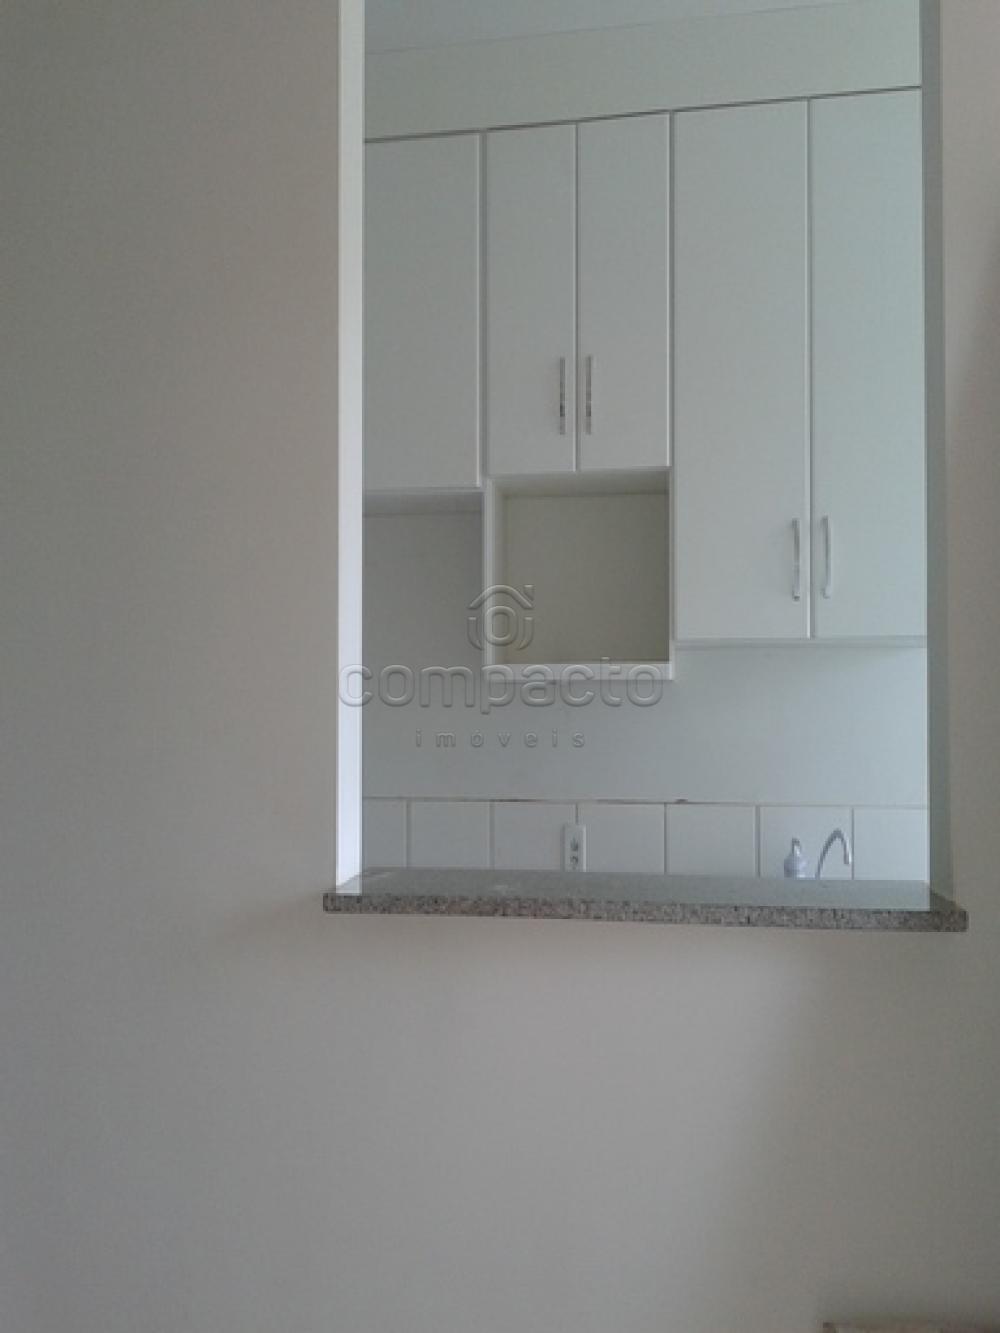 Alugar Apartamento / Padrão em São Carlos apenas R$ 1.060,00 - Foto 10